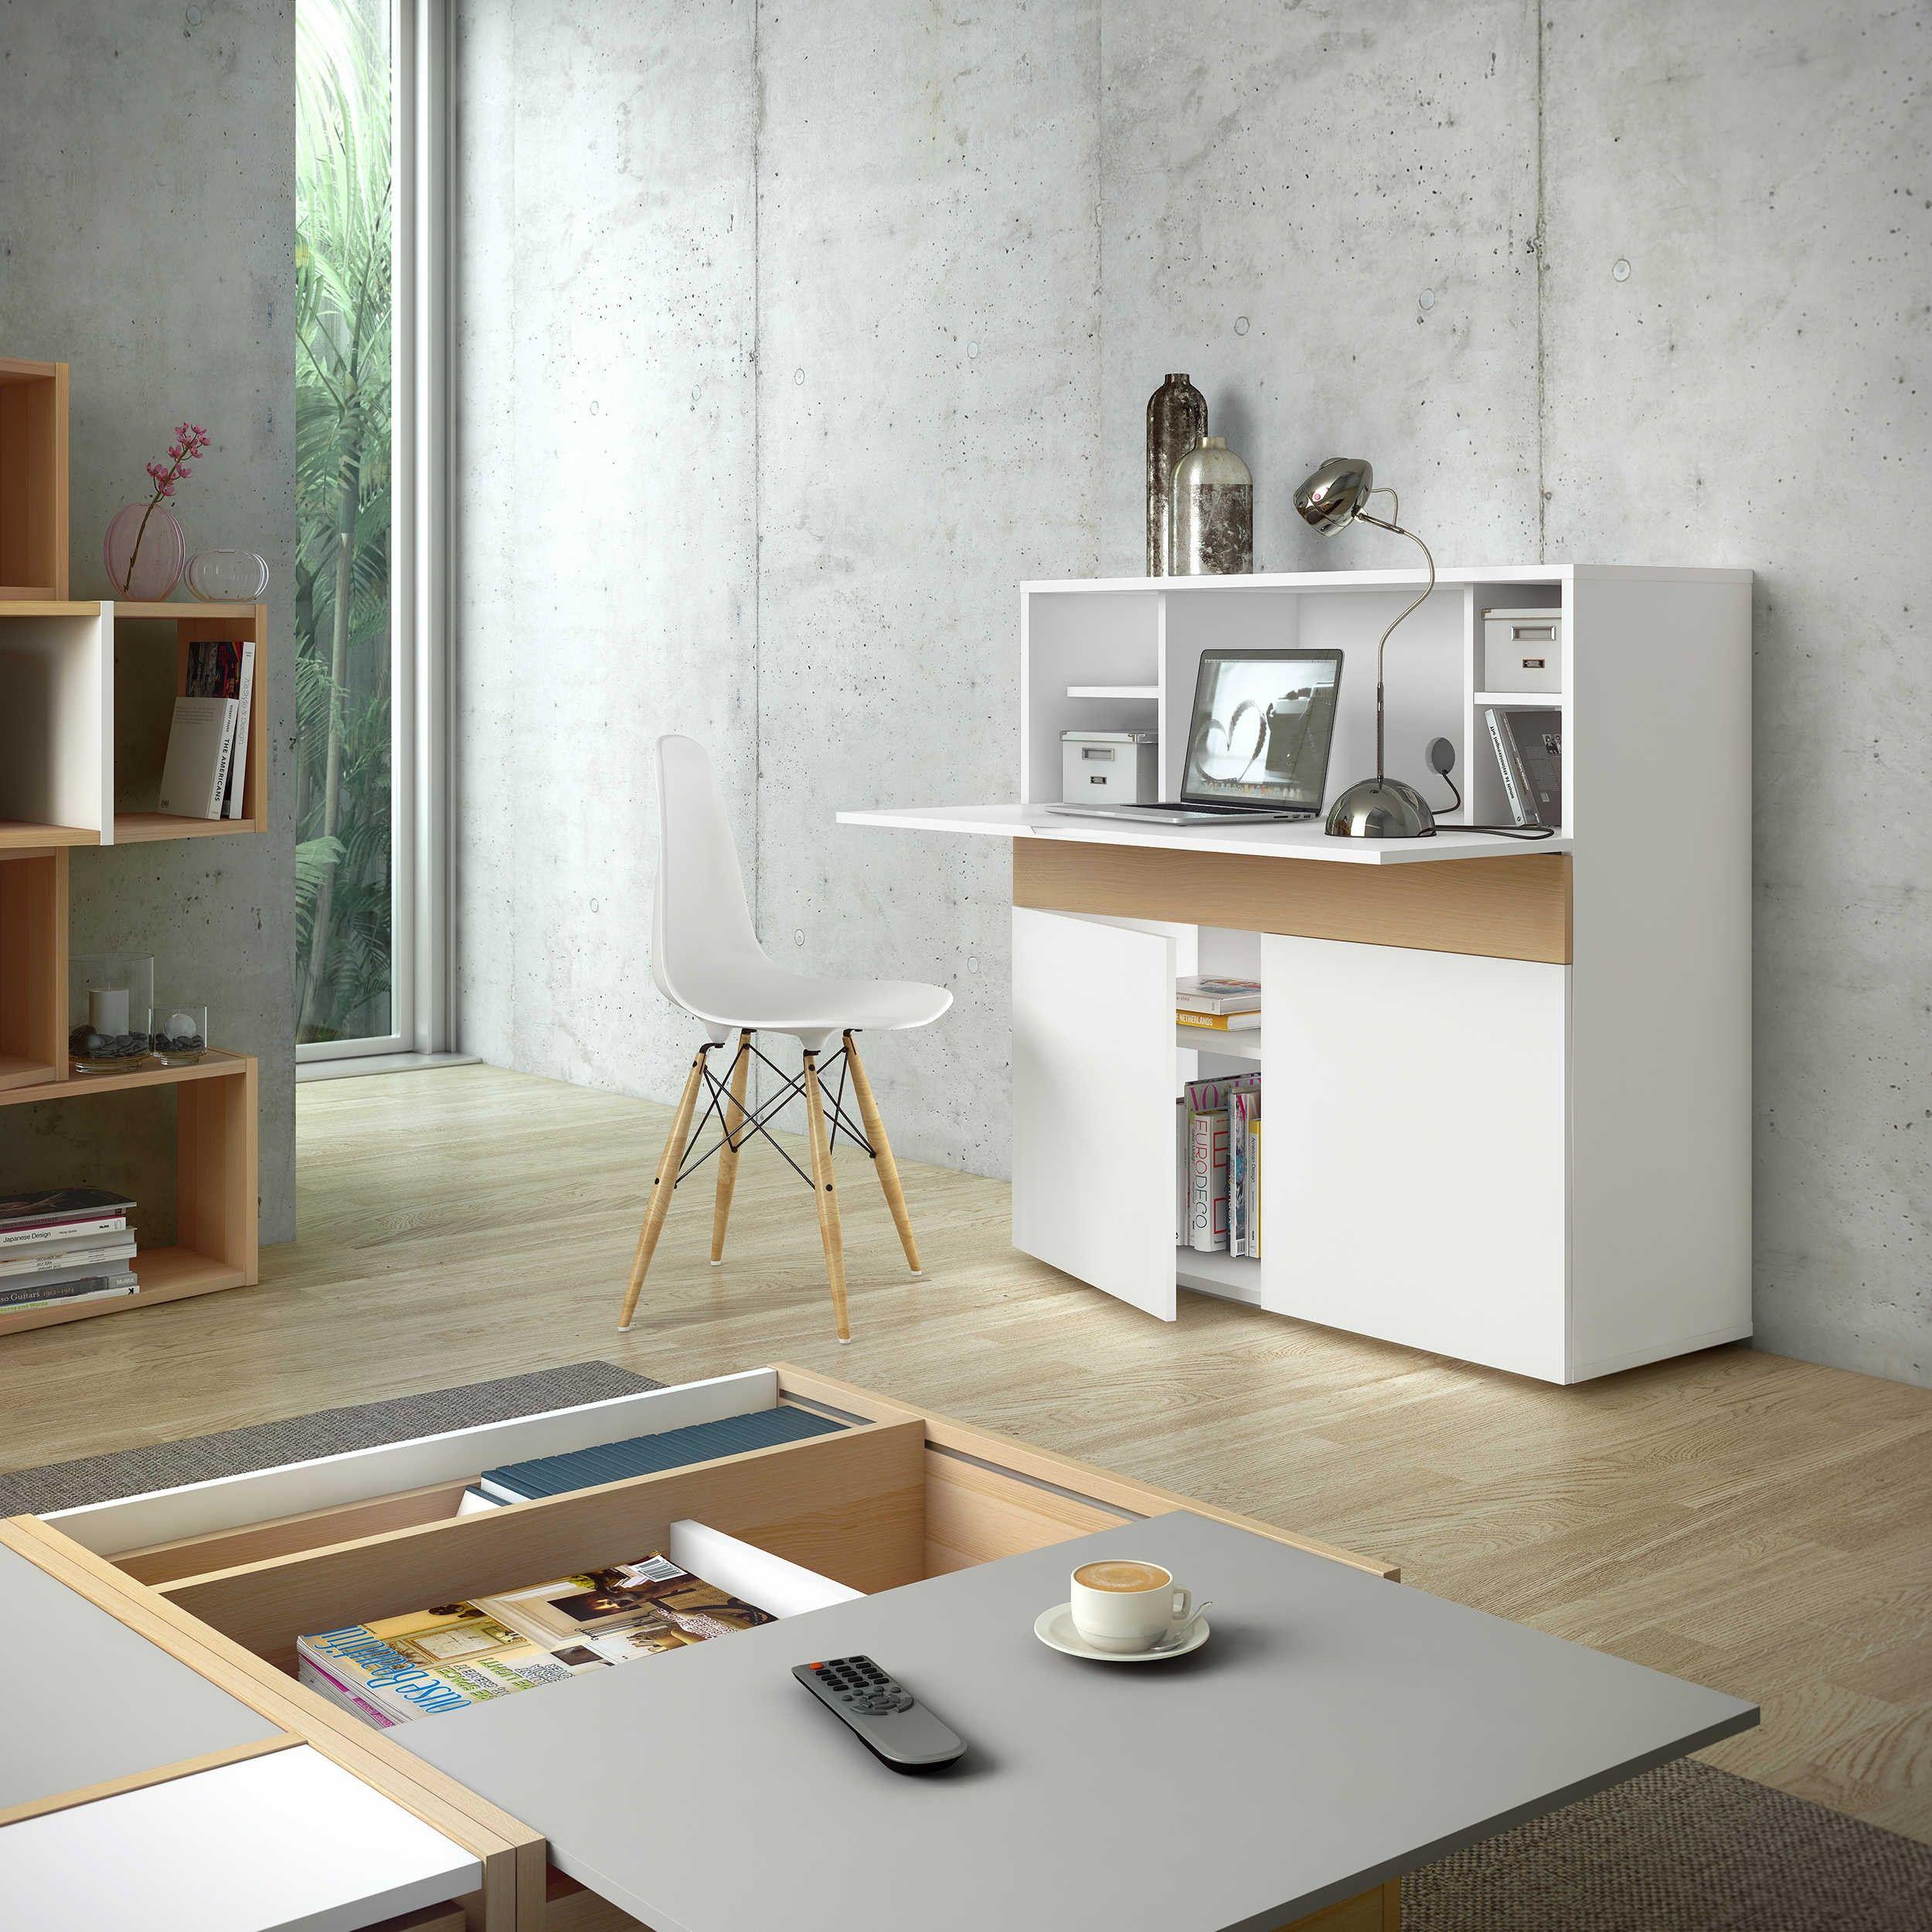 Tema Sekretar Fokus Schreibtische Arbeitszimmer Mobel Arbeitszimmer Mobel Schreibtischideen Holztisch Couch